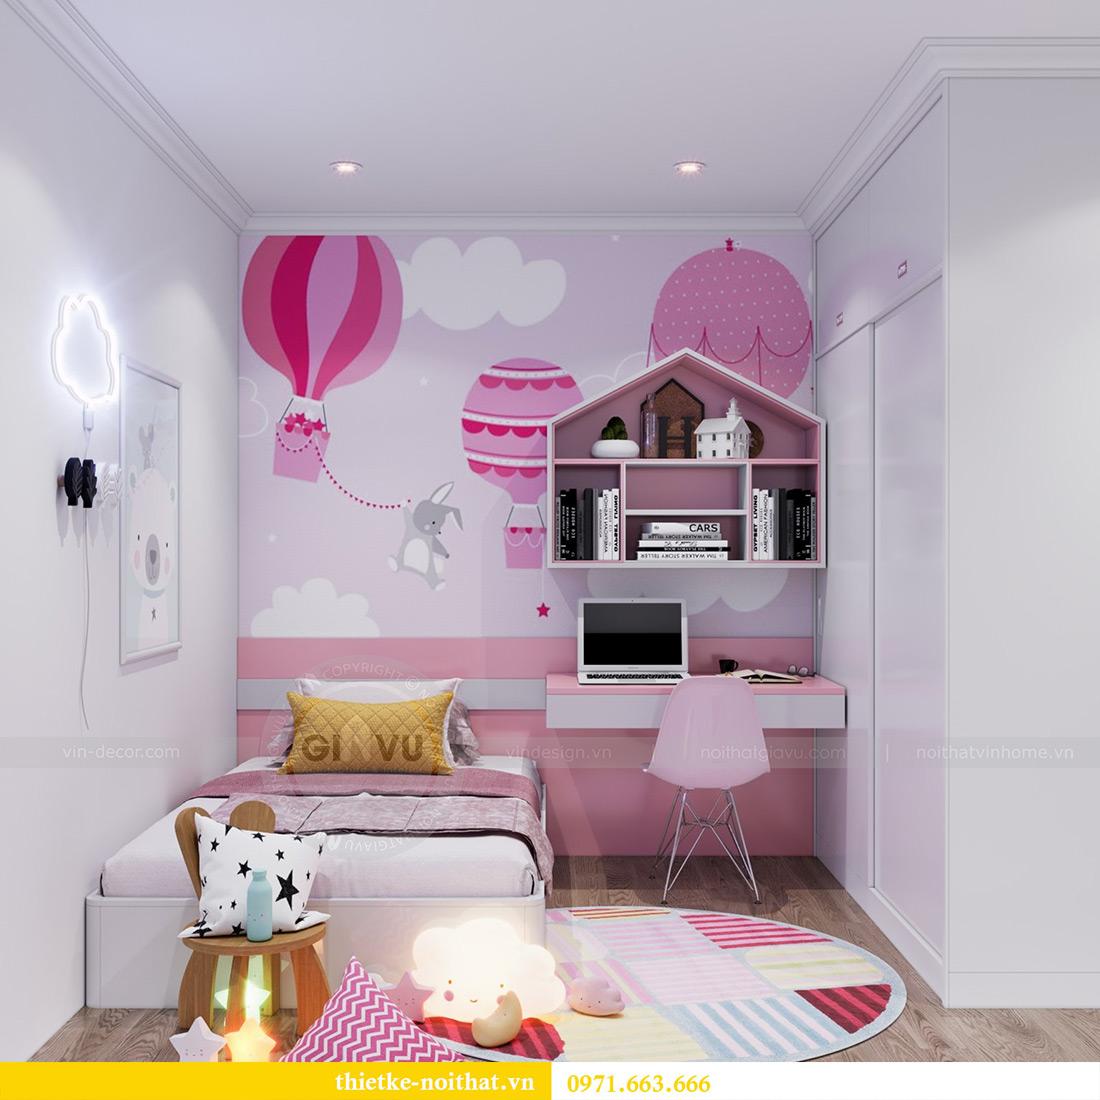 Mẫu thiết kế nội thất chung cư Sky Lake Phạm Hùng - Lh 0971663666 10